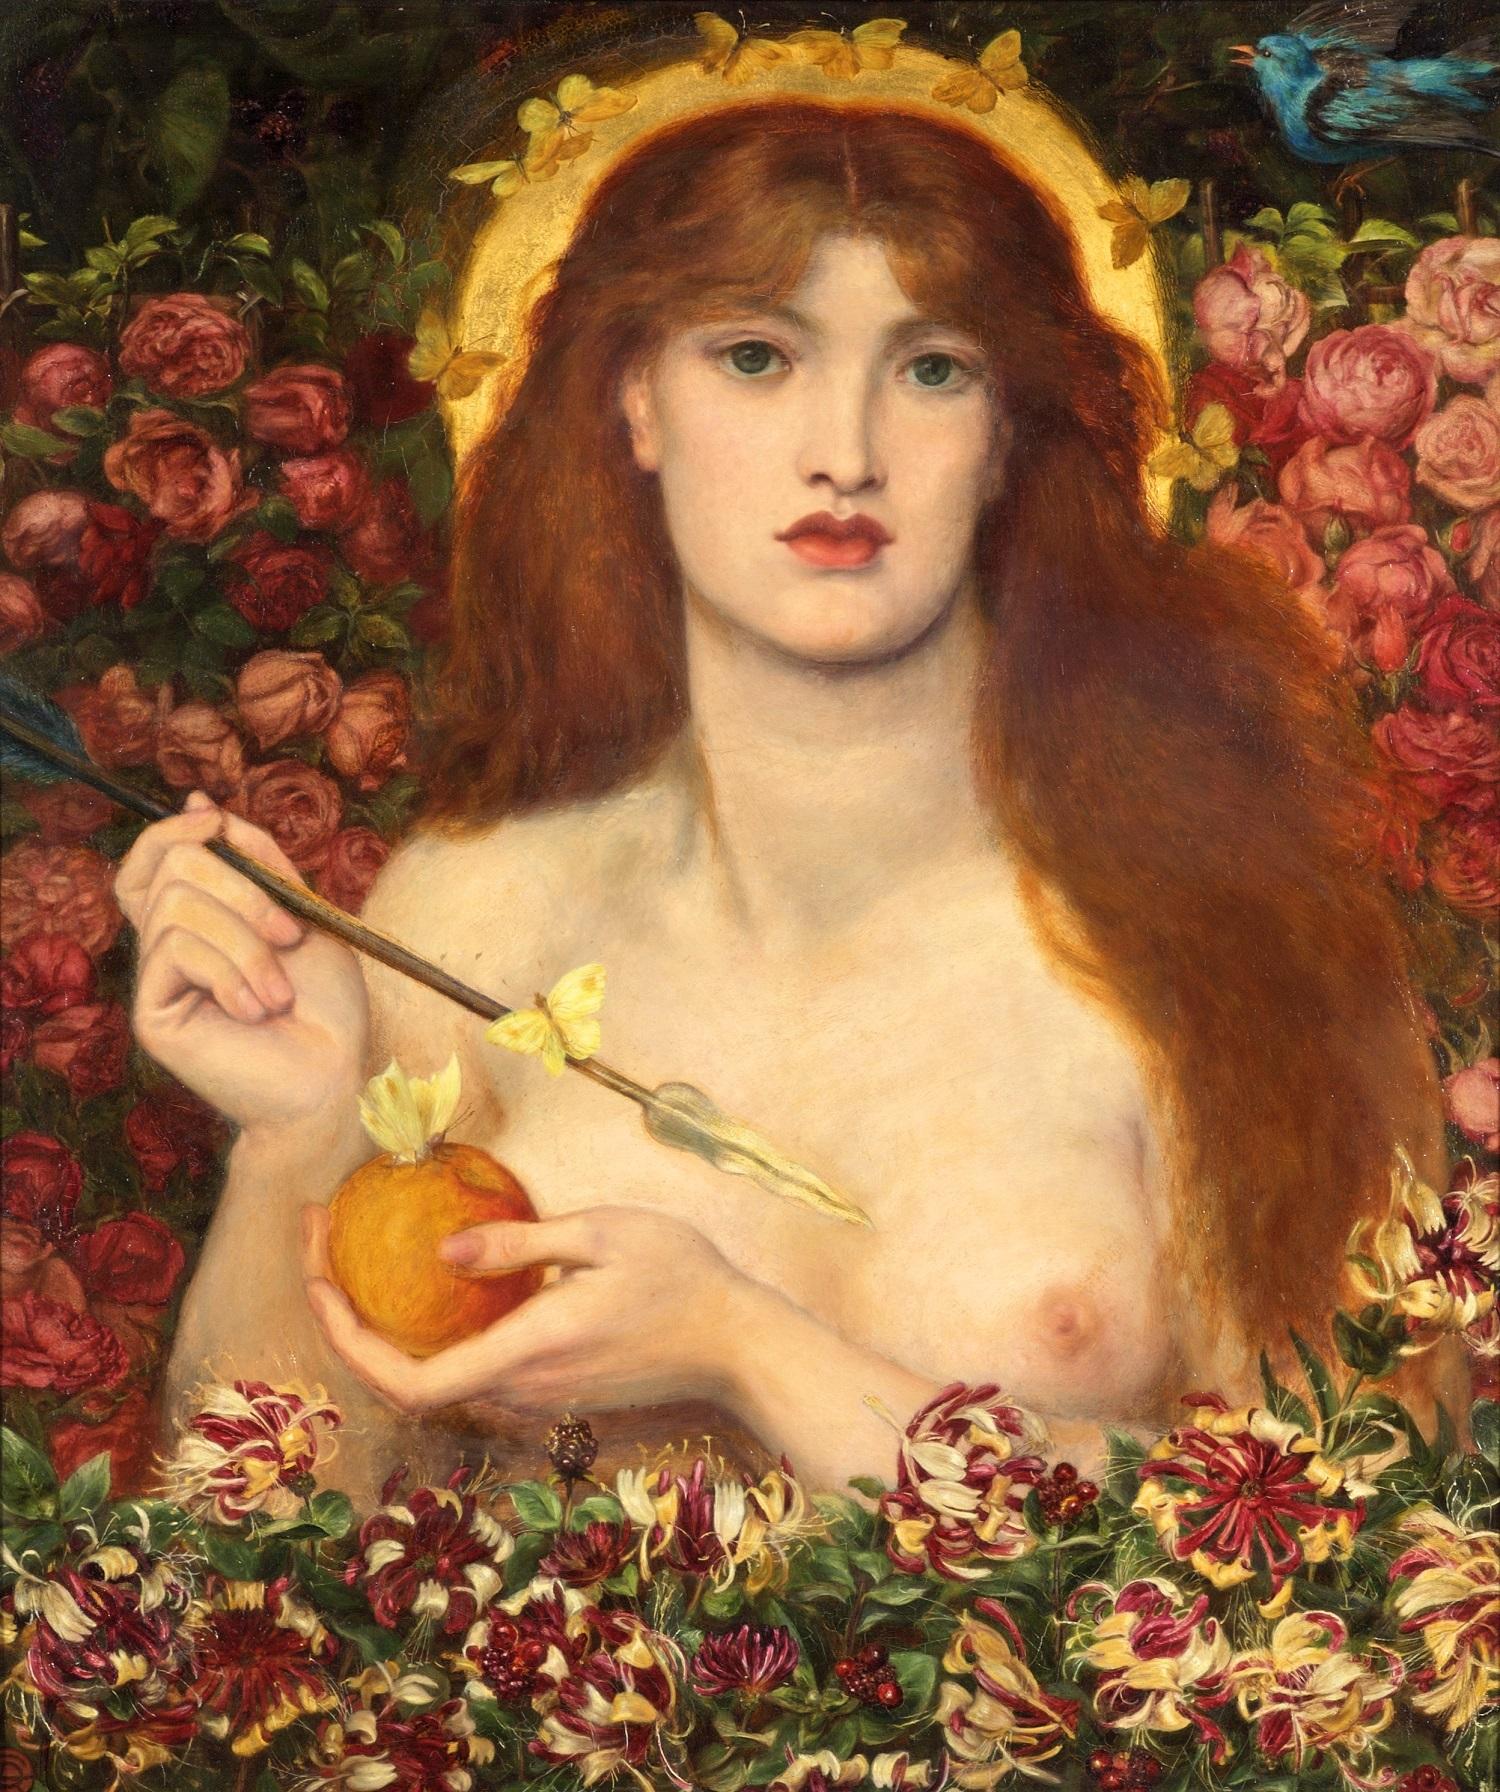 ダンテ・ゲイブリエル・ロセッティ《ウェヌス・ウェルティコルディア(魔性のヴィーナス)》1863-68年頃、 油彩/カンヴァス、83.8×71.2 cm、ラッセル=コーツ美術館   (C) Russell-Cotes Art Gallery & Museum, Bournemouth